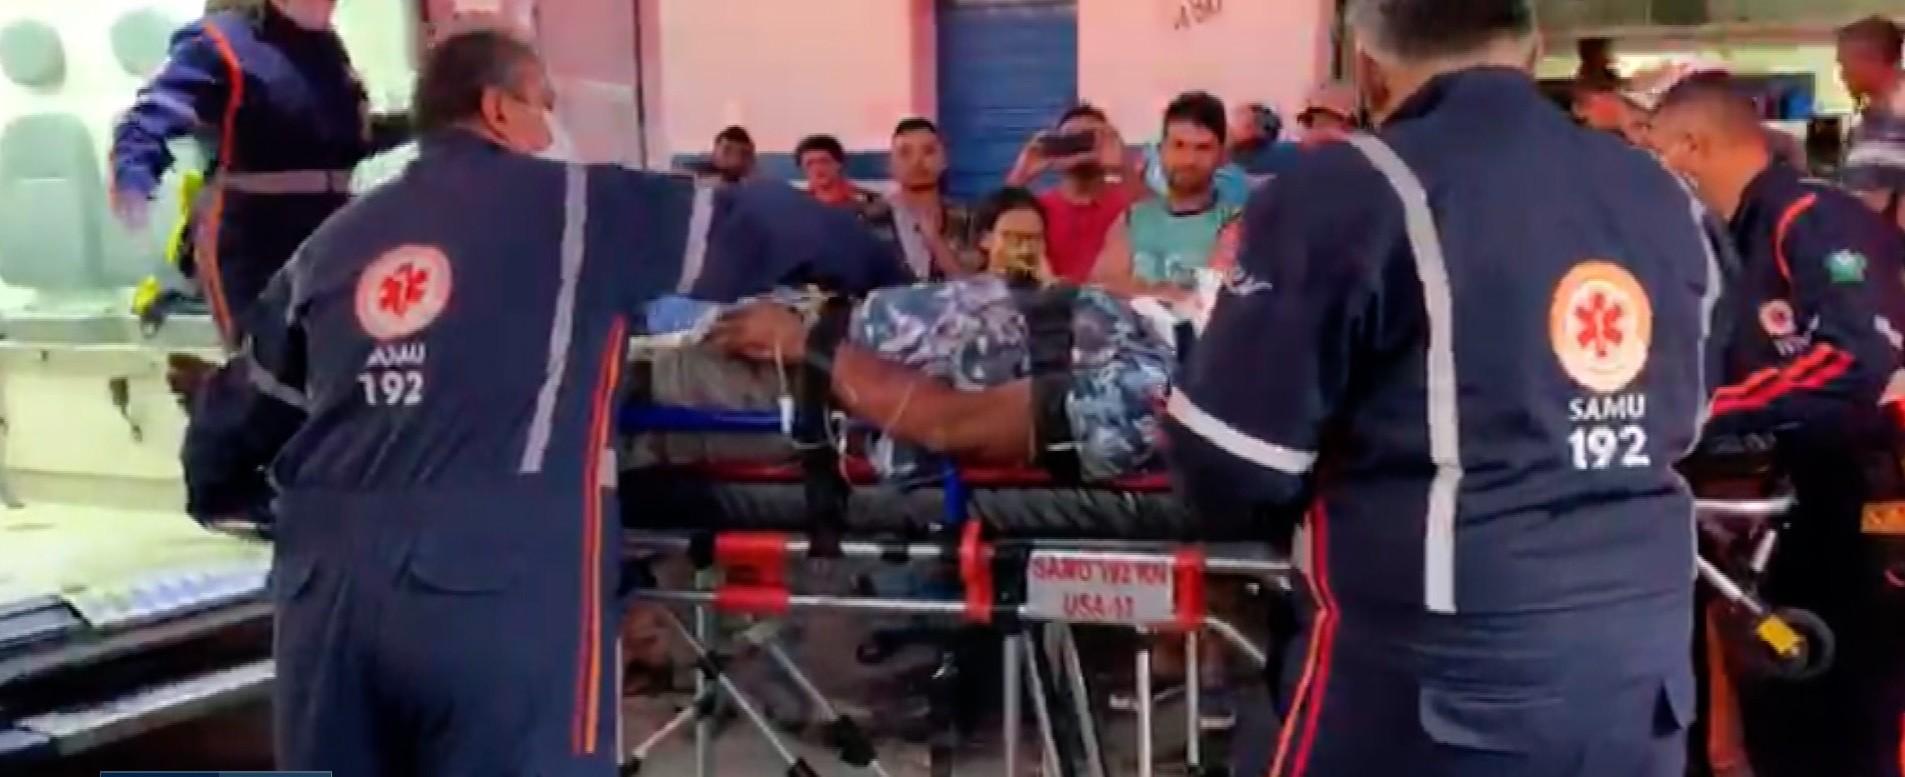 Homem é atacado com golpes de foice após discussão de trânsito no interior do RN - Notícias - Plantão Diário